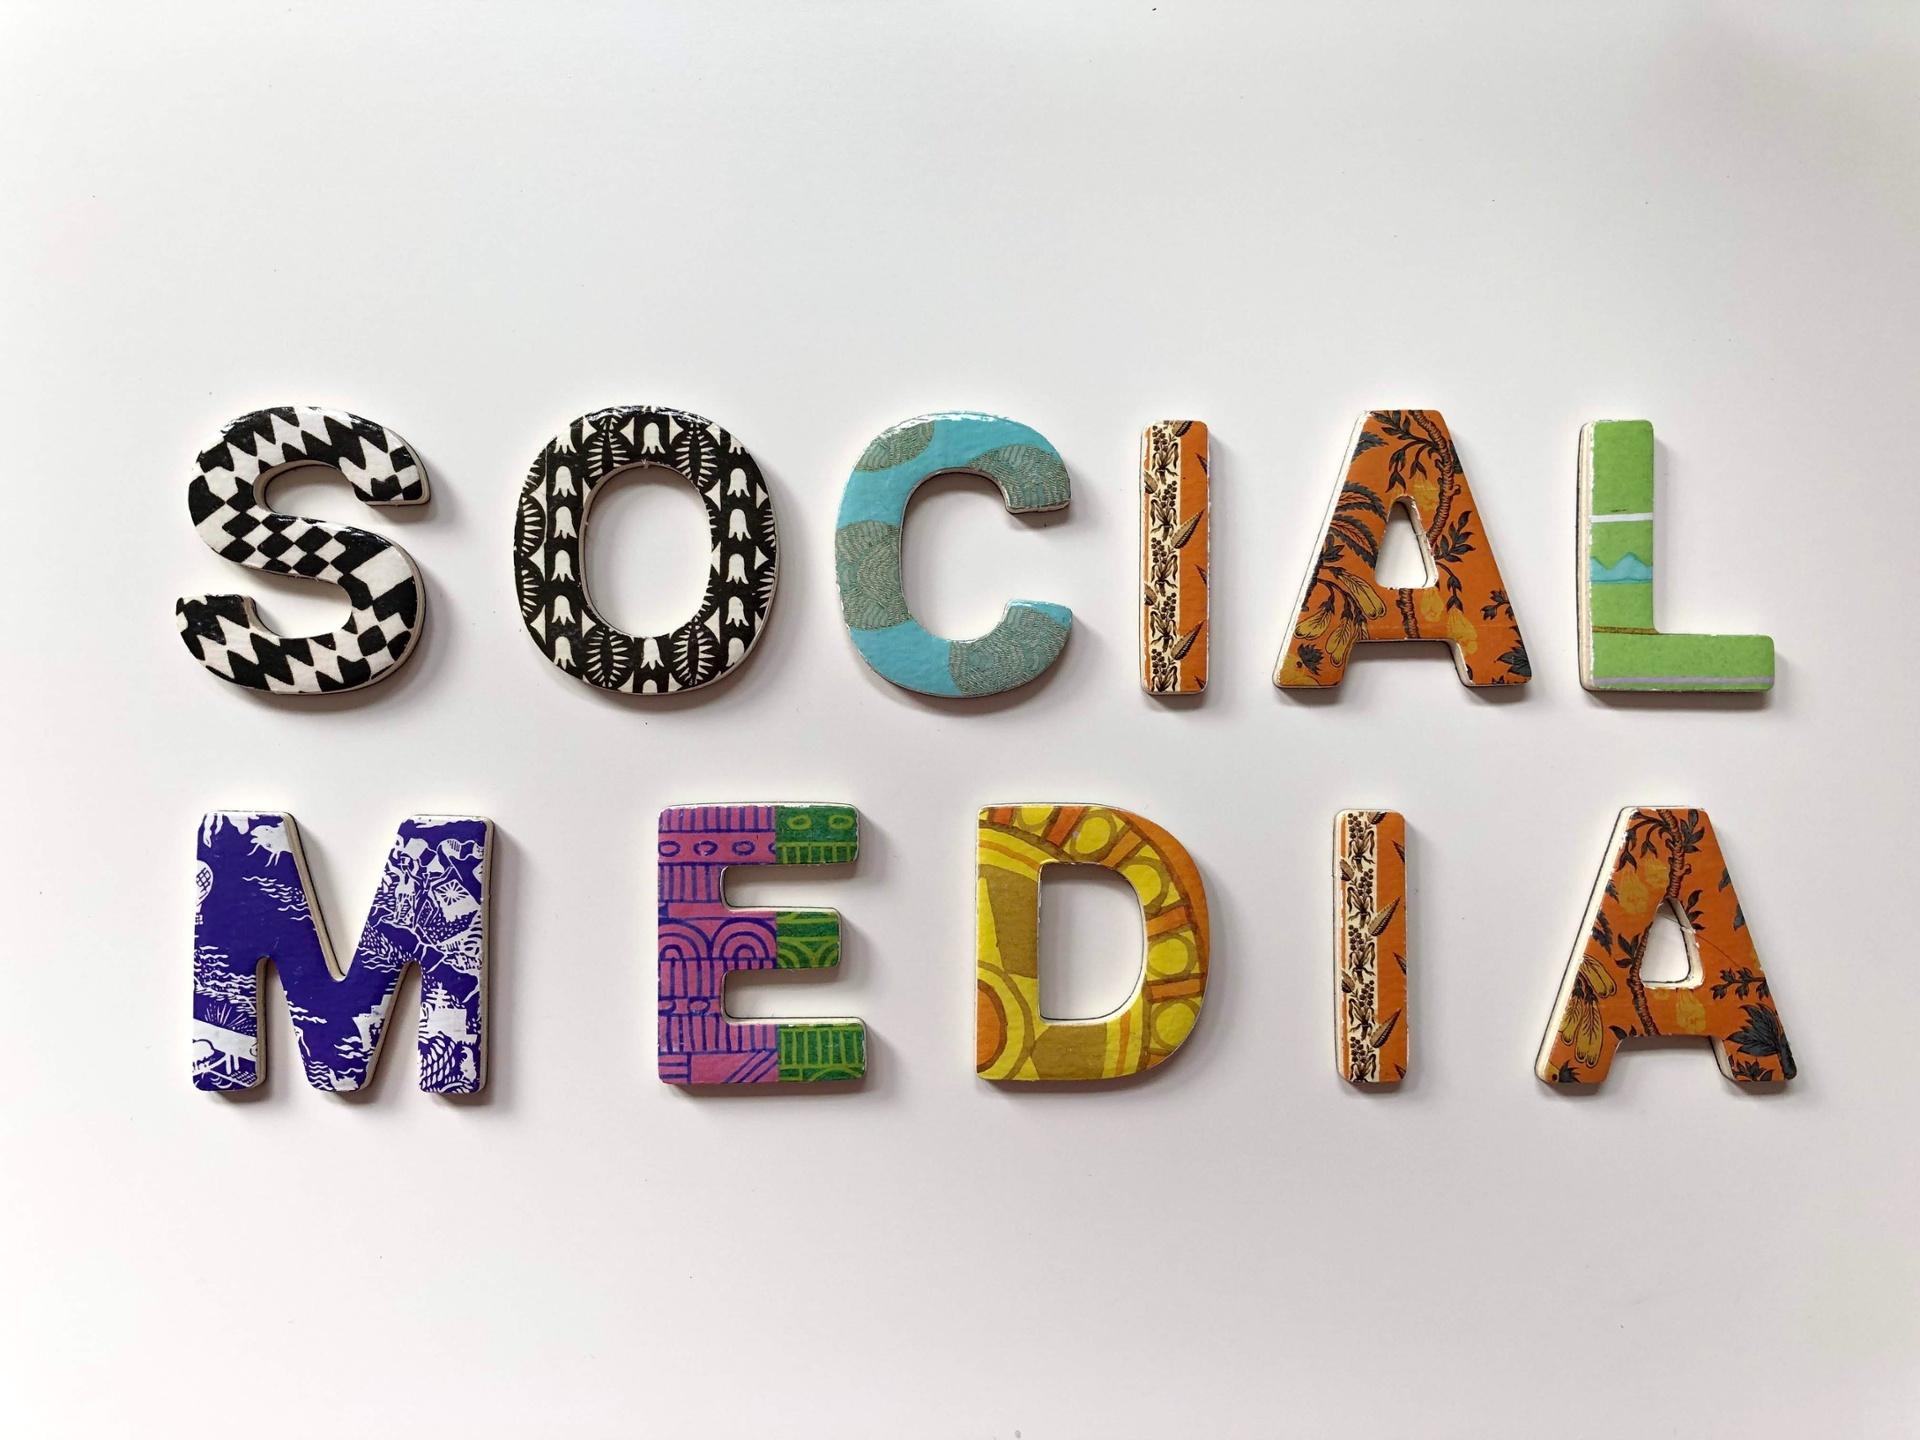 Alles eine Frage der Strategie_Social Media im B2B-Kontext nutzen_cmm360